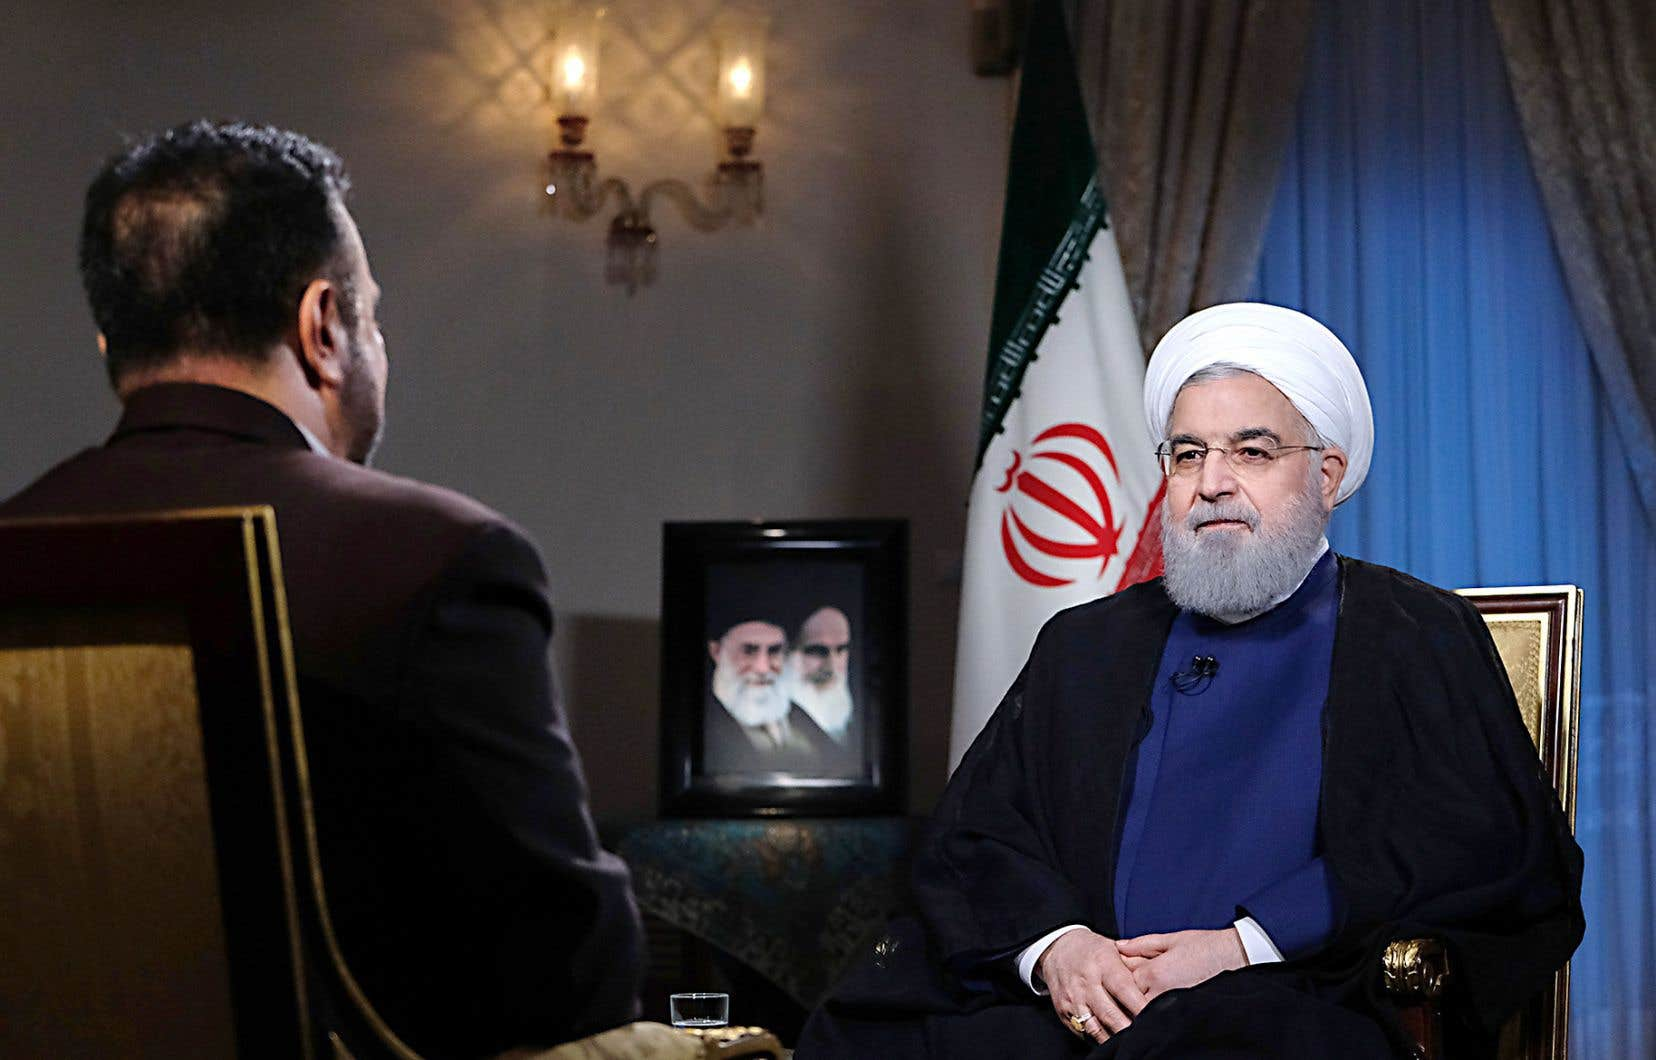 Le président iranien, Hassan Rohani, en entrevue télévisée, lundi